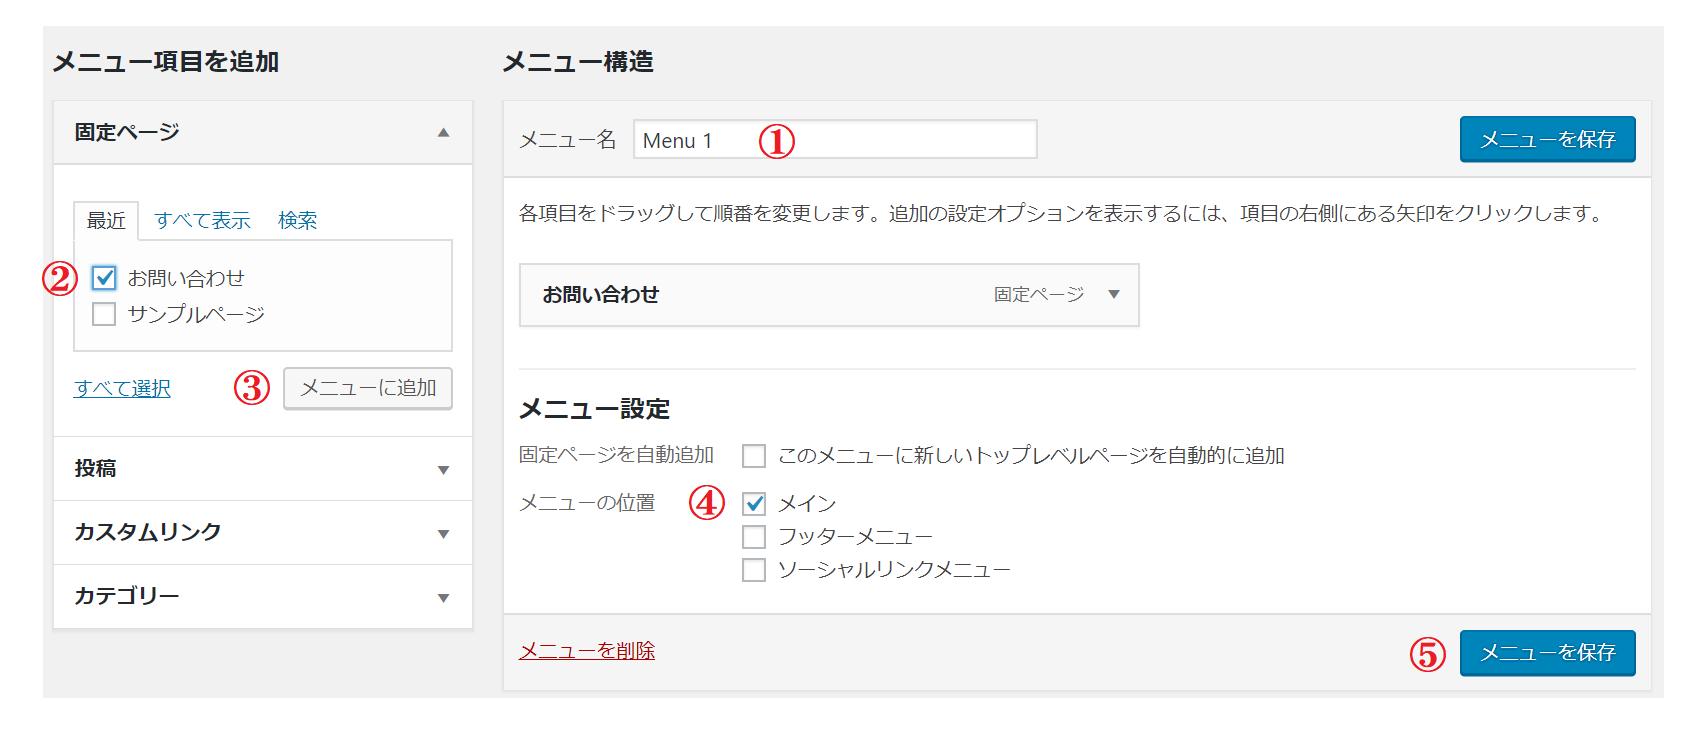 ブログの上部メニューにお問い合わせフォームのリンクを表示させる方法